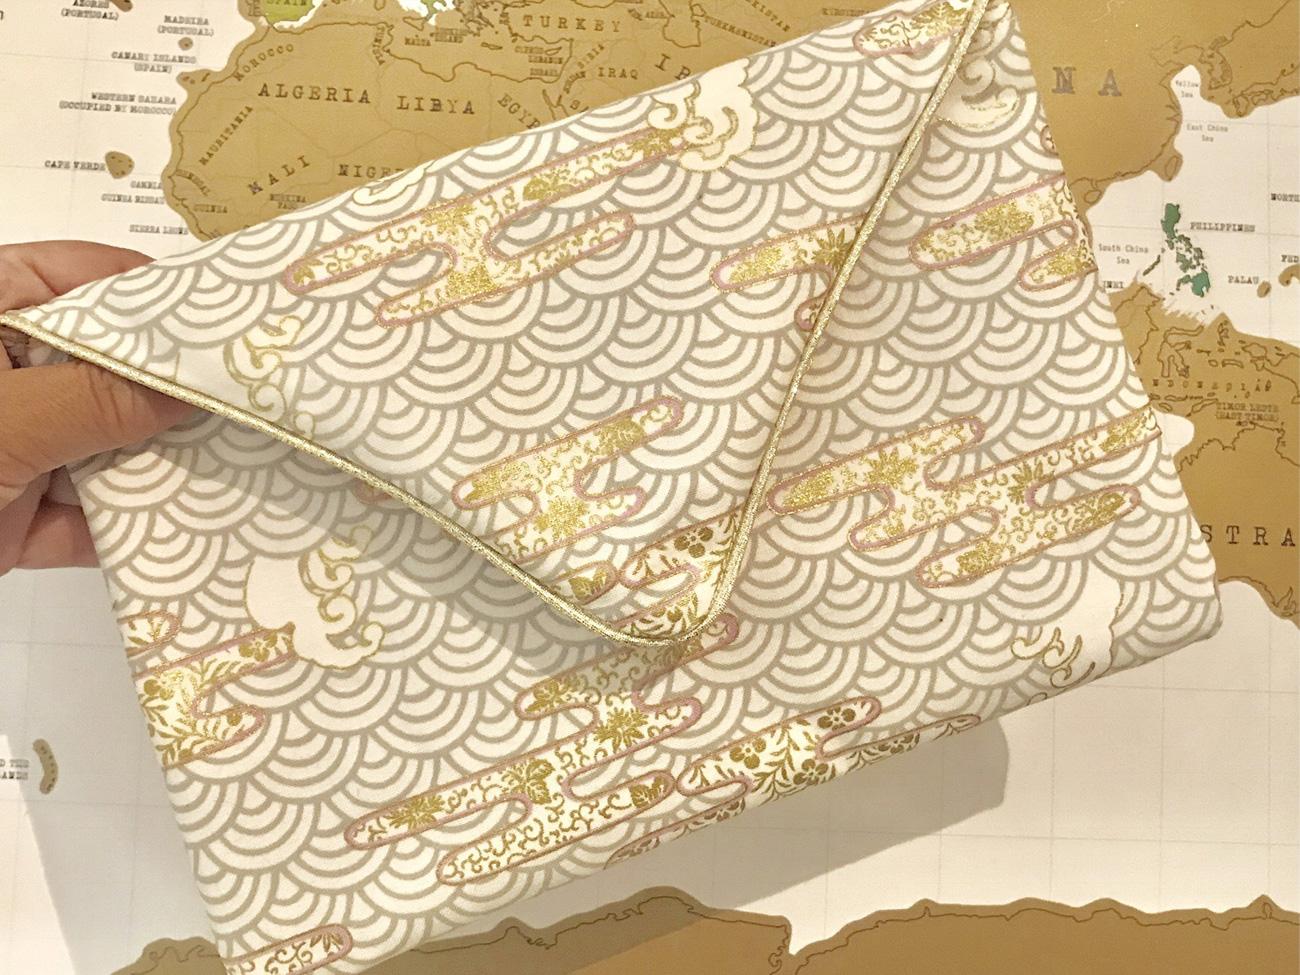 Made by Cézembre, a été créée par une passionnée de couture.